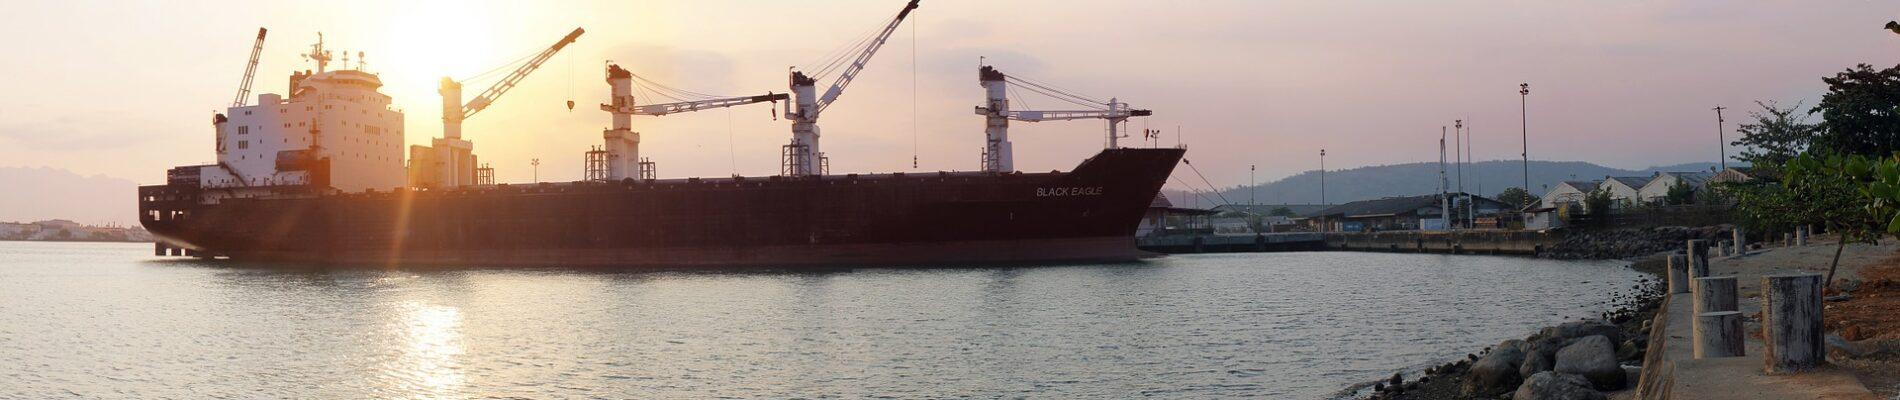 ship-698057_1920